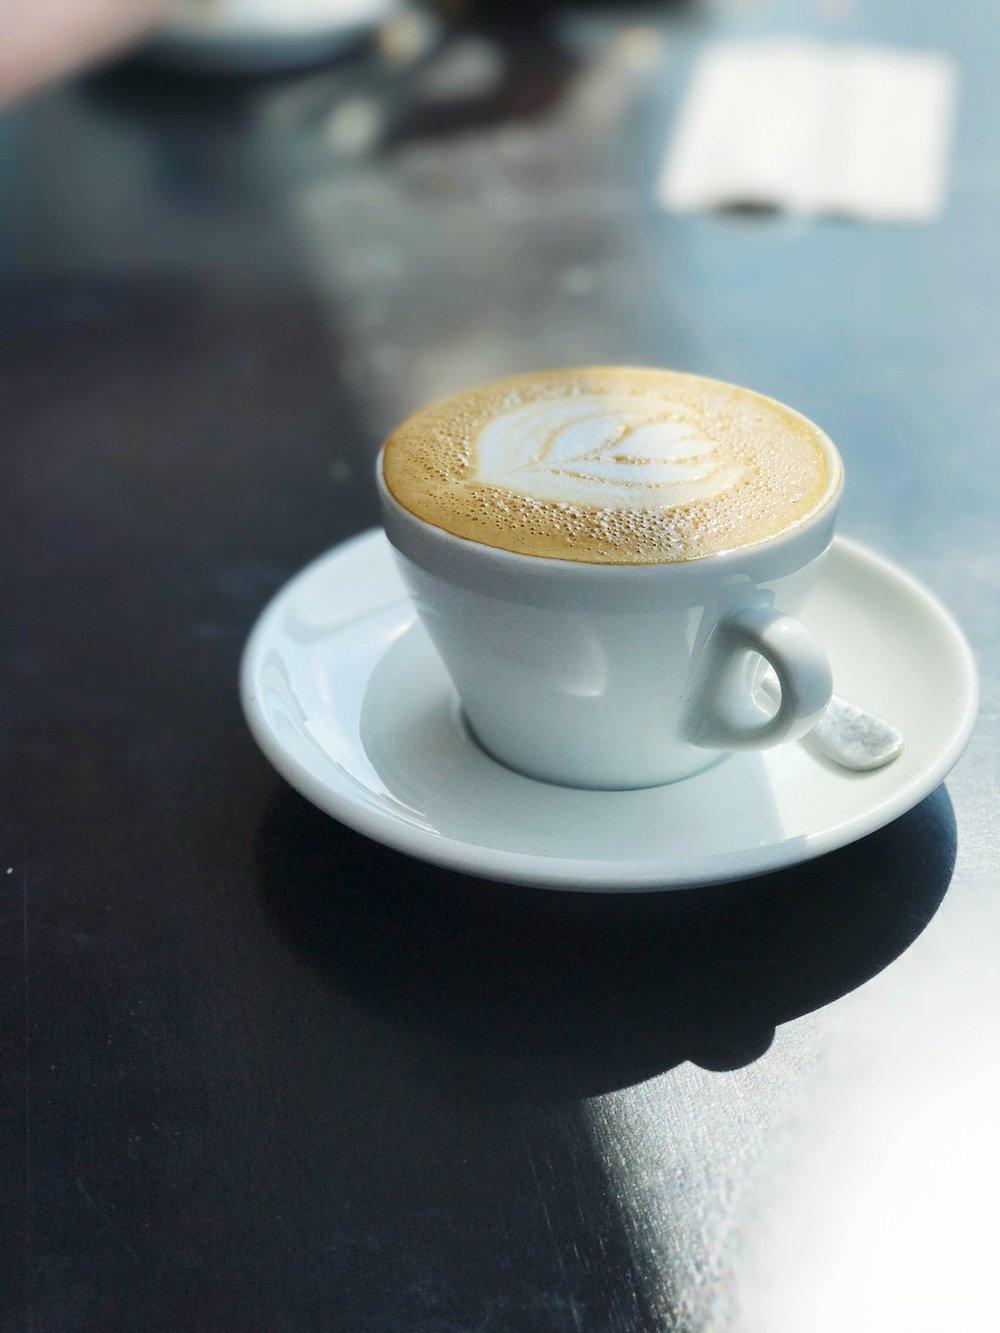 minneapolis-urban-bean-coffee.JPG